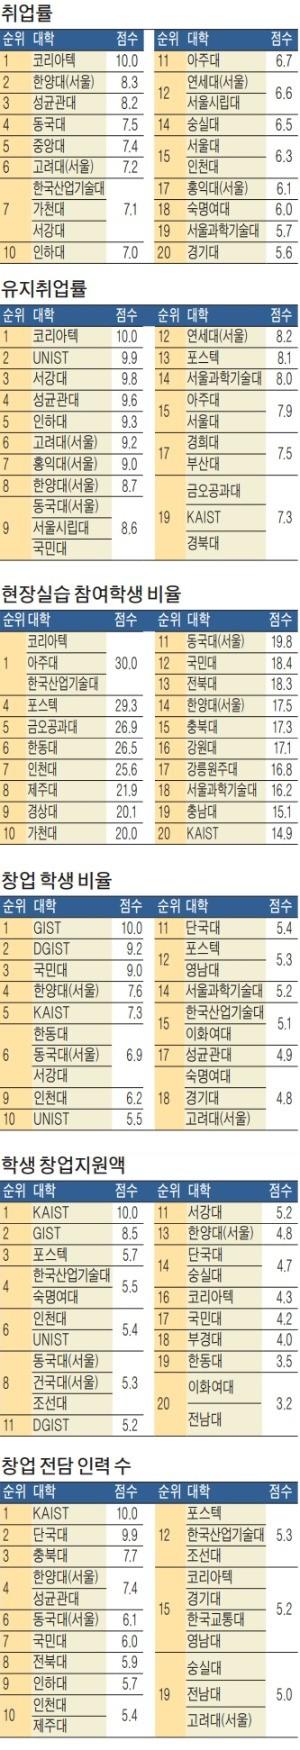 [스트롱코리아] 단국대, 벤처 매출 160억… 숙명여대 '창업클래스' 운영